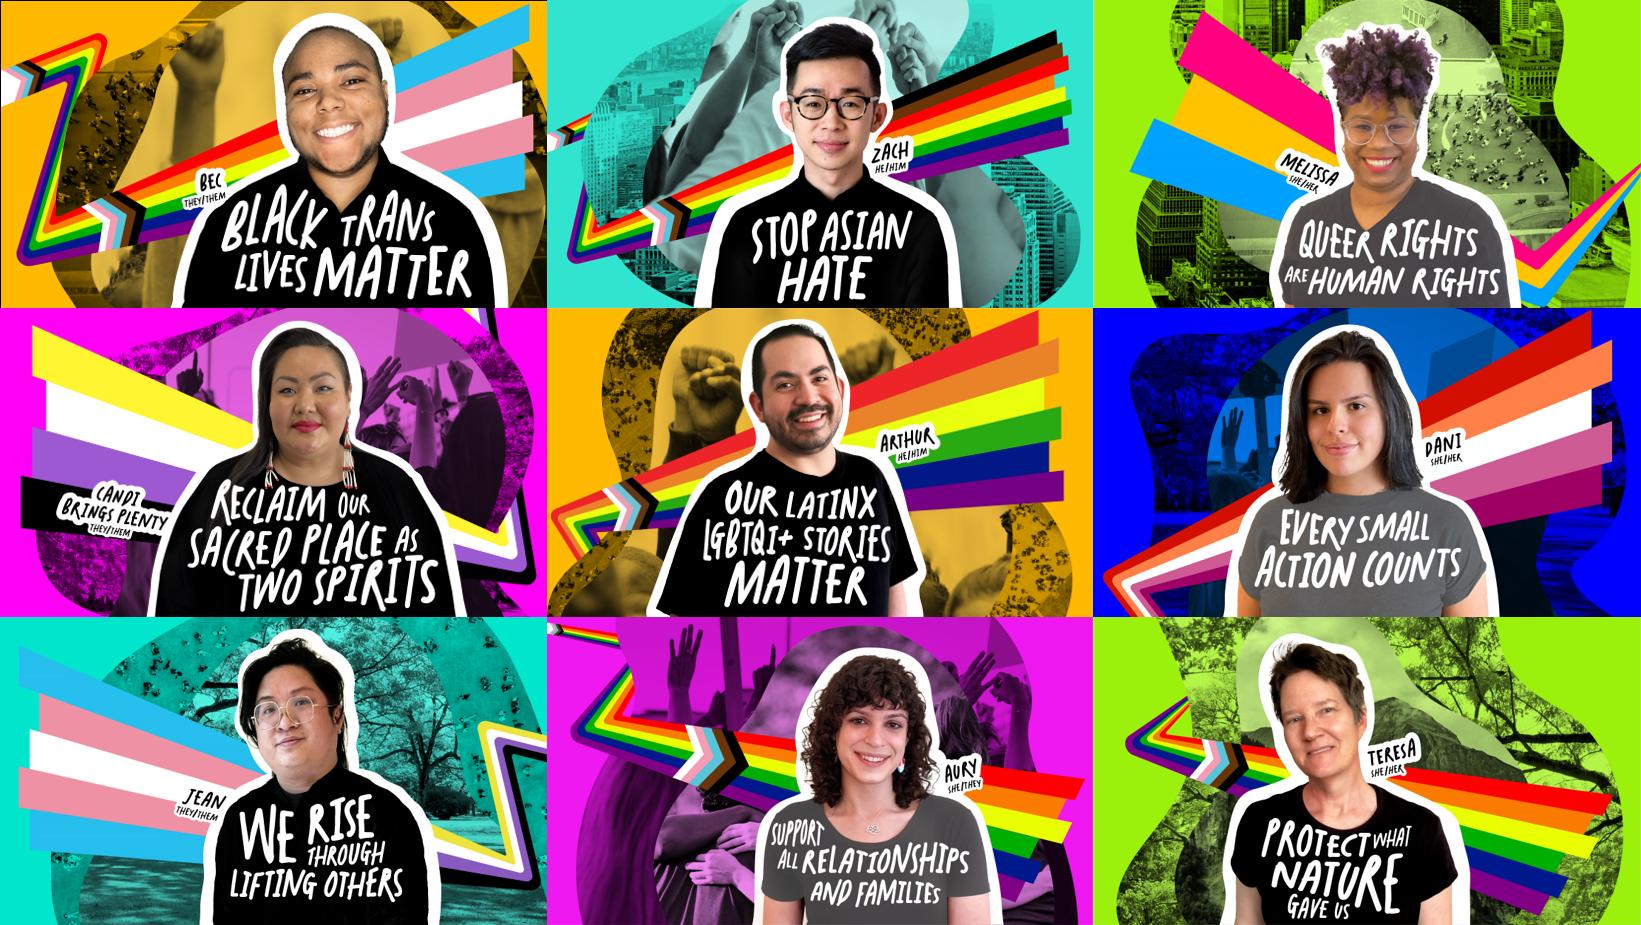 Nine people wearing Pride teeshirts